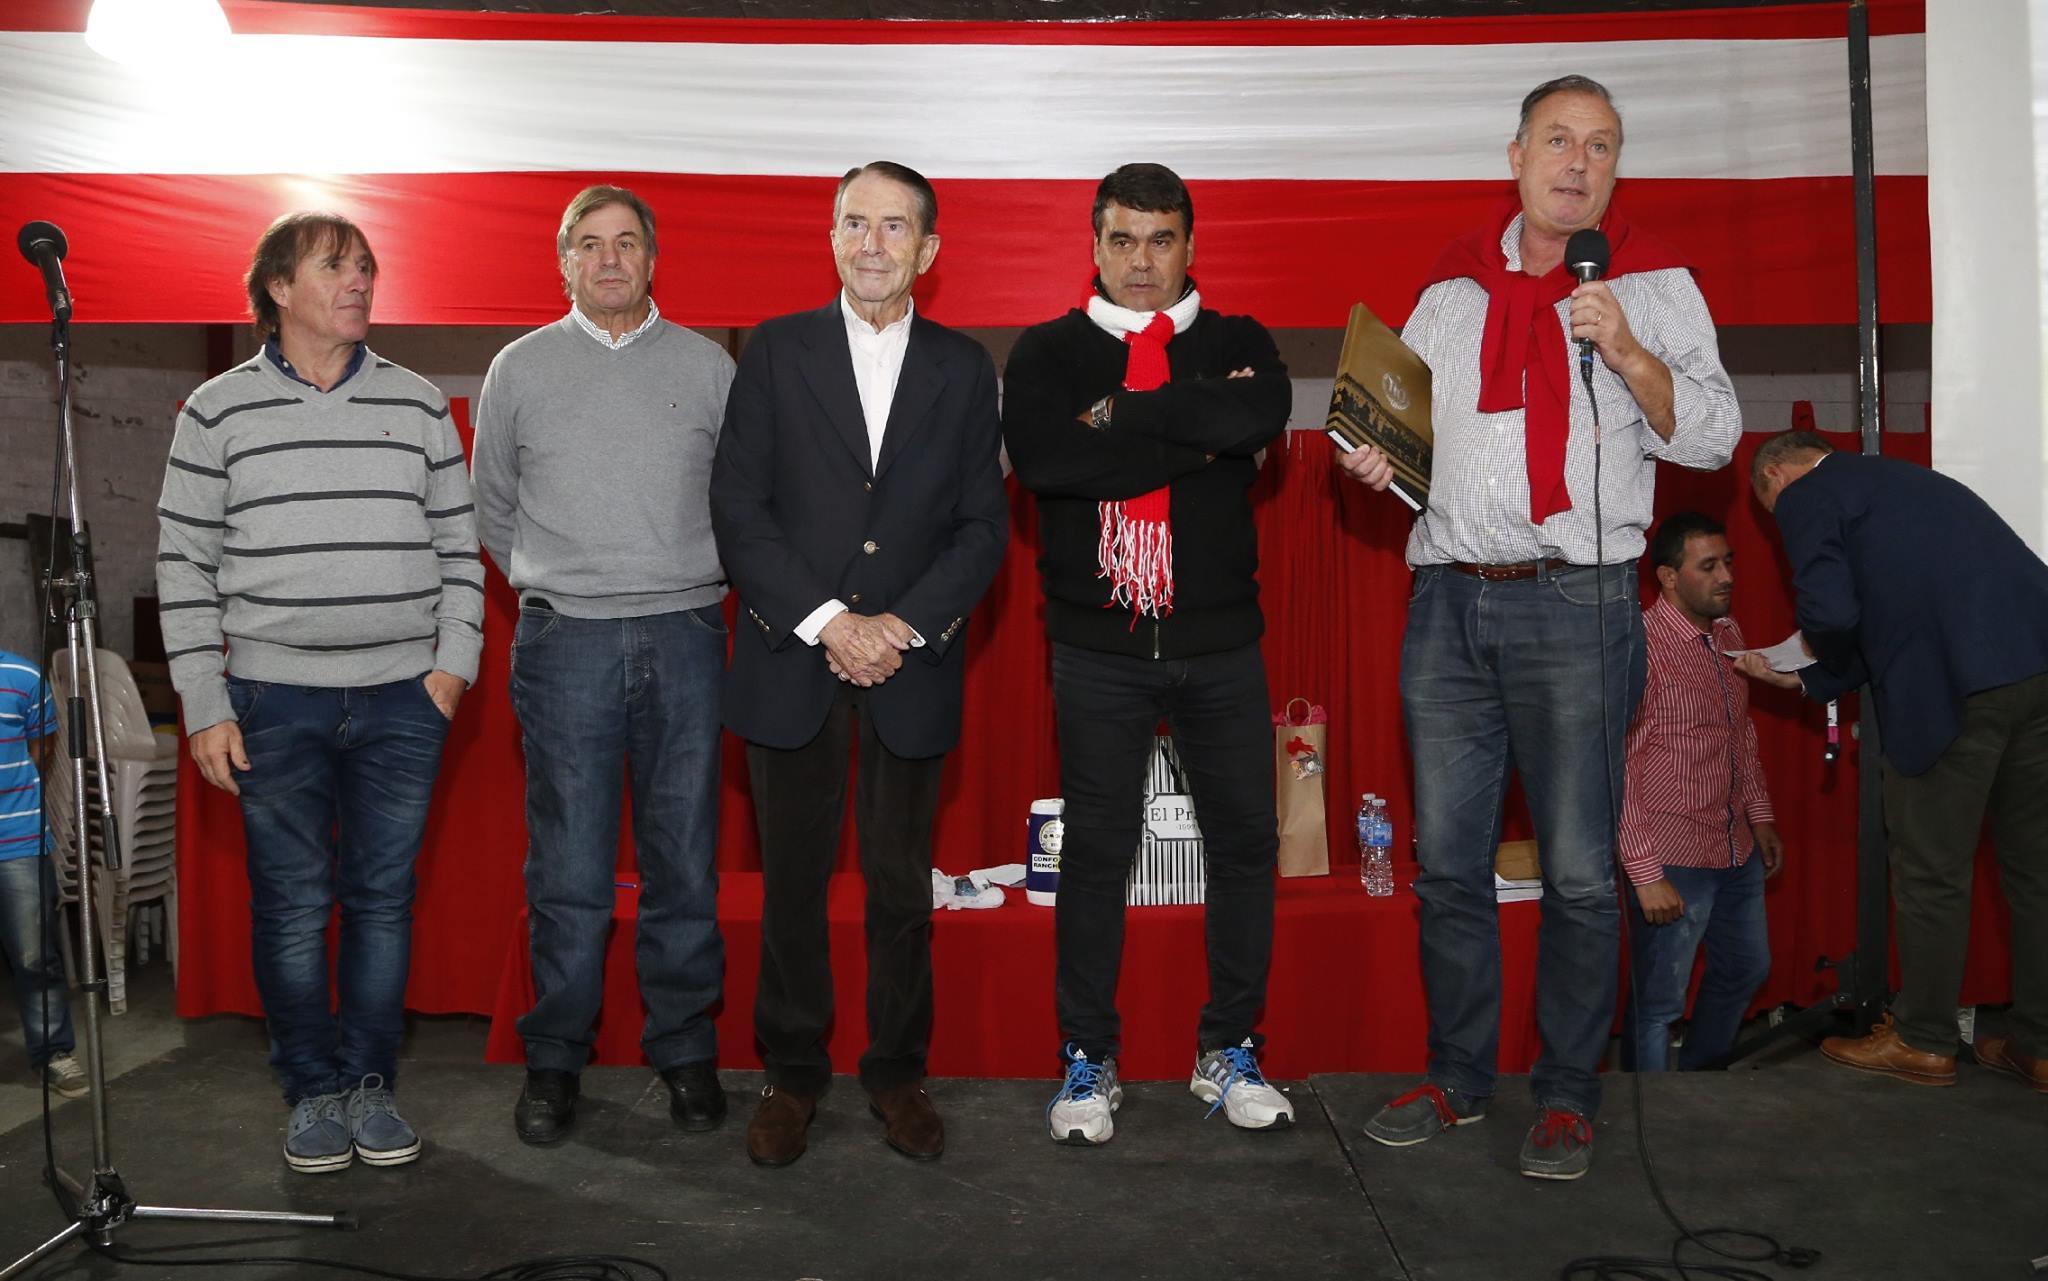 Velada llena de emoción en el agasajo a los Campeones del 82 de la Filial José Luís Brown